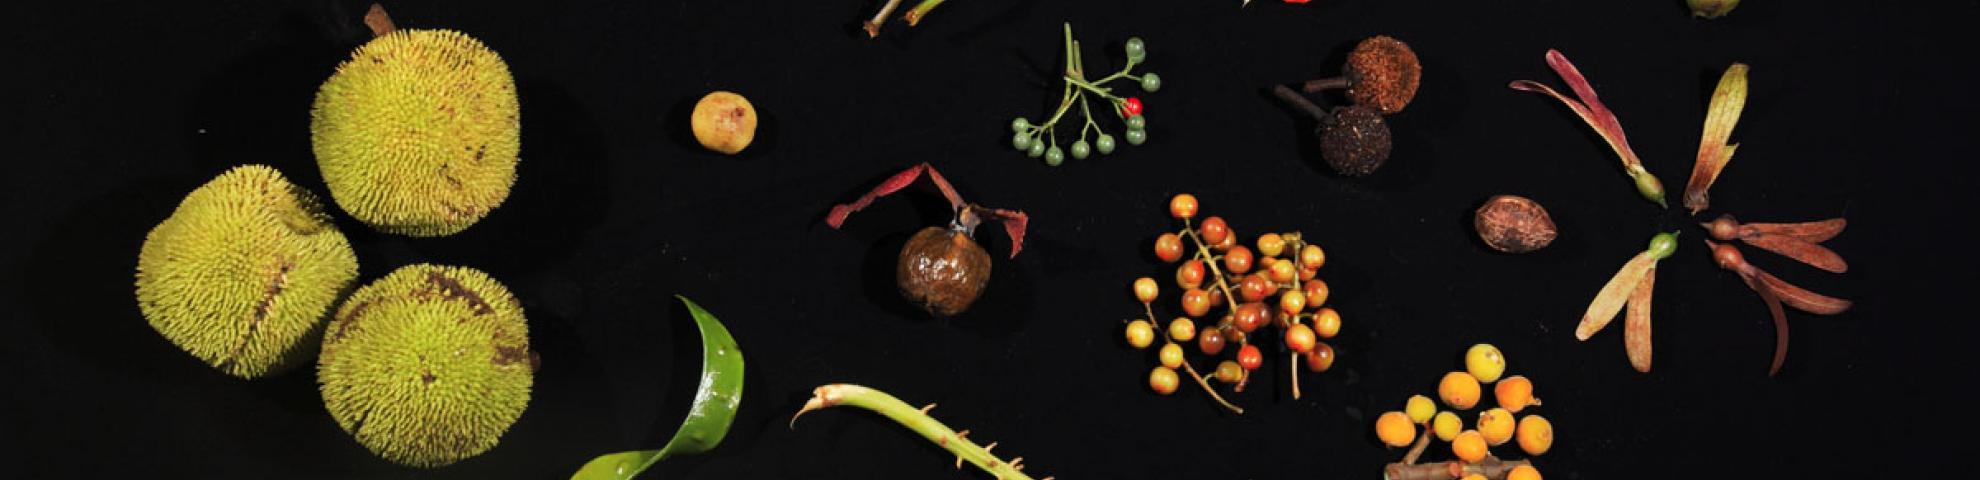 fruit from lambir